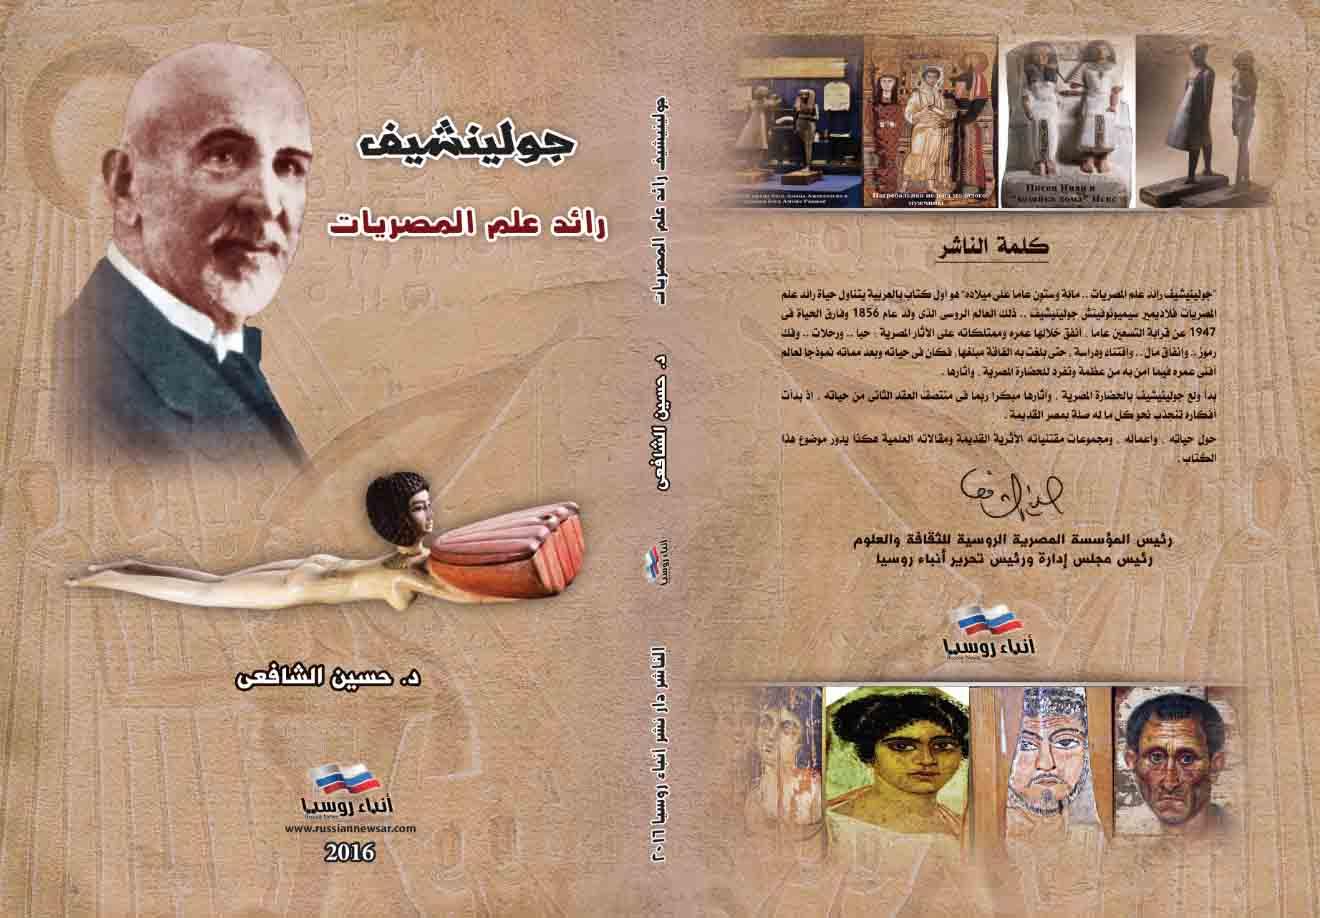 أول كتاب شامل باللغة العربية عن رائد علم المصريات